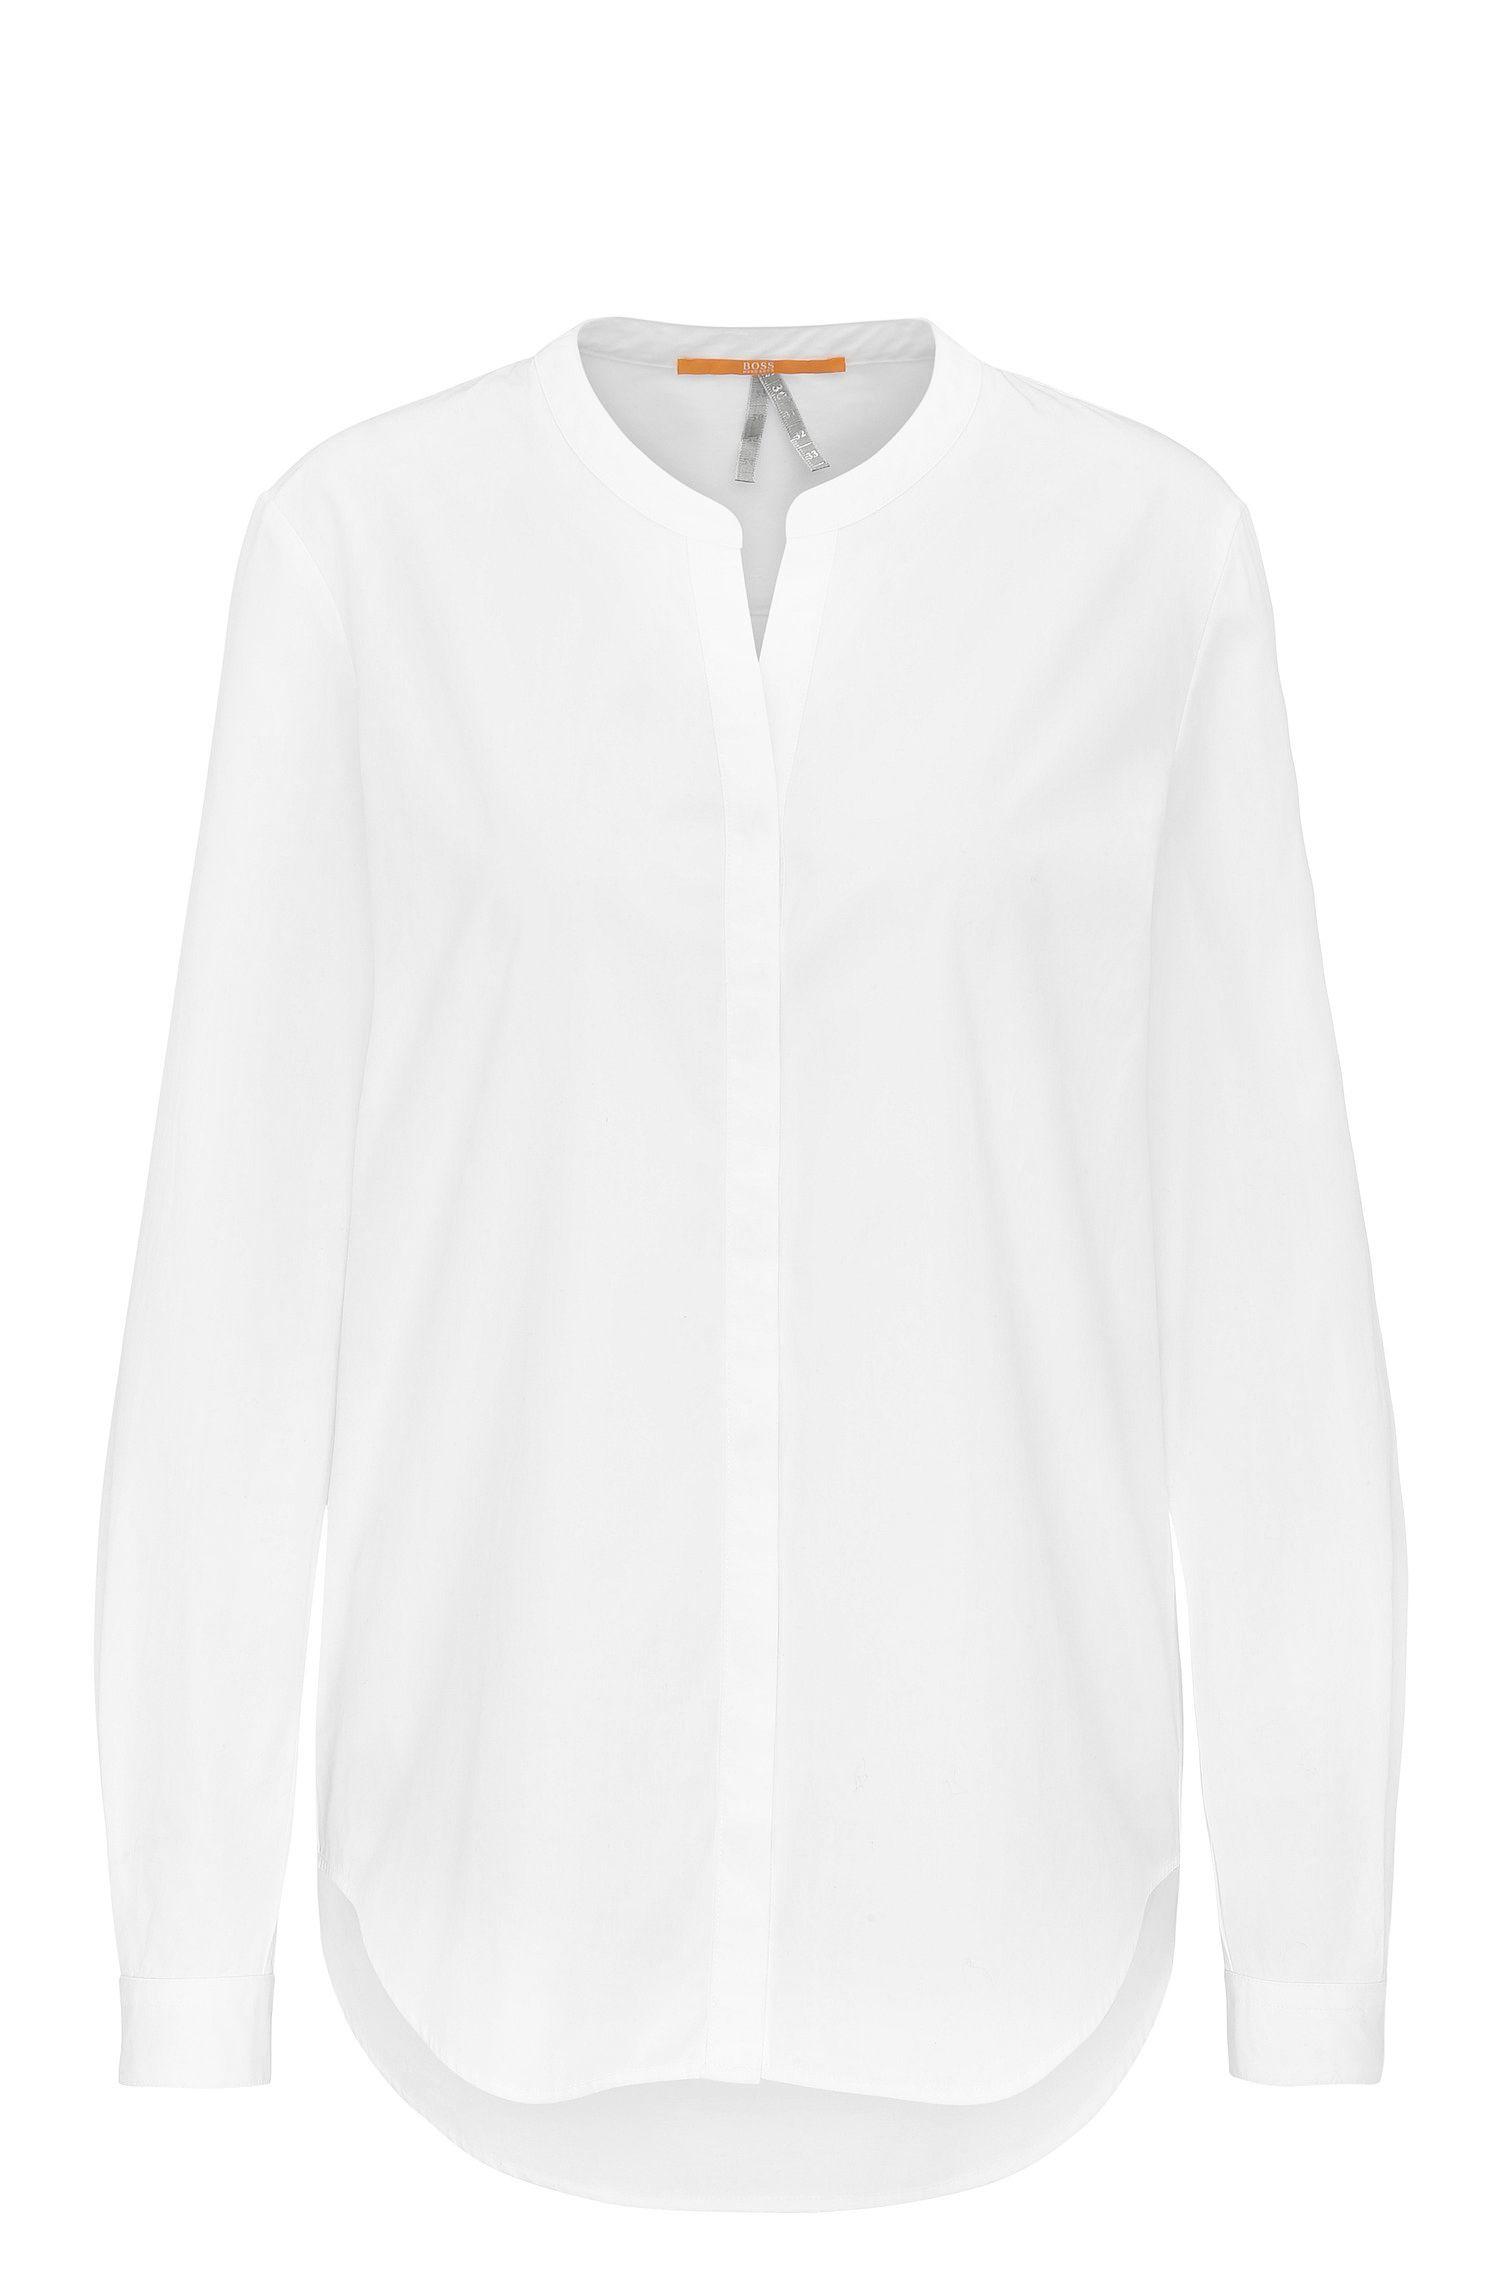 Regular-Fit Bluse aus Baumwoll-Popeline mit Stehkragen